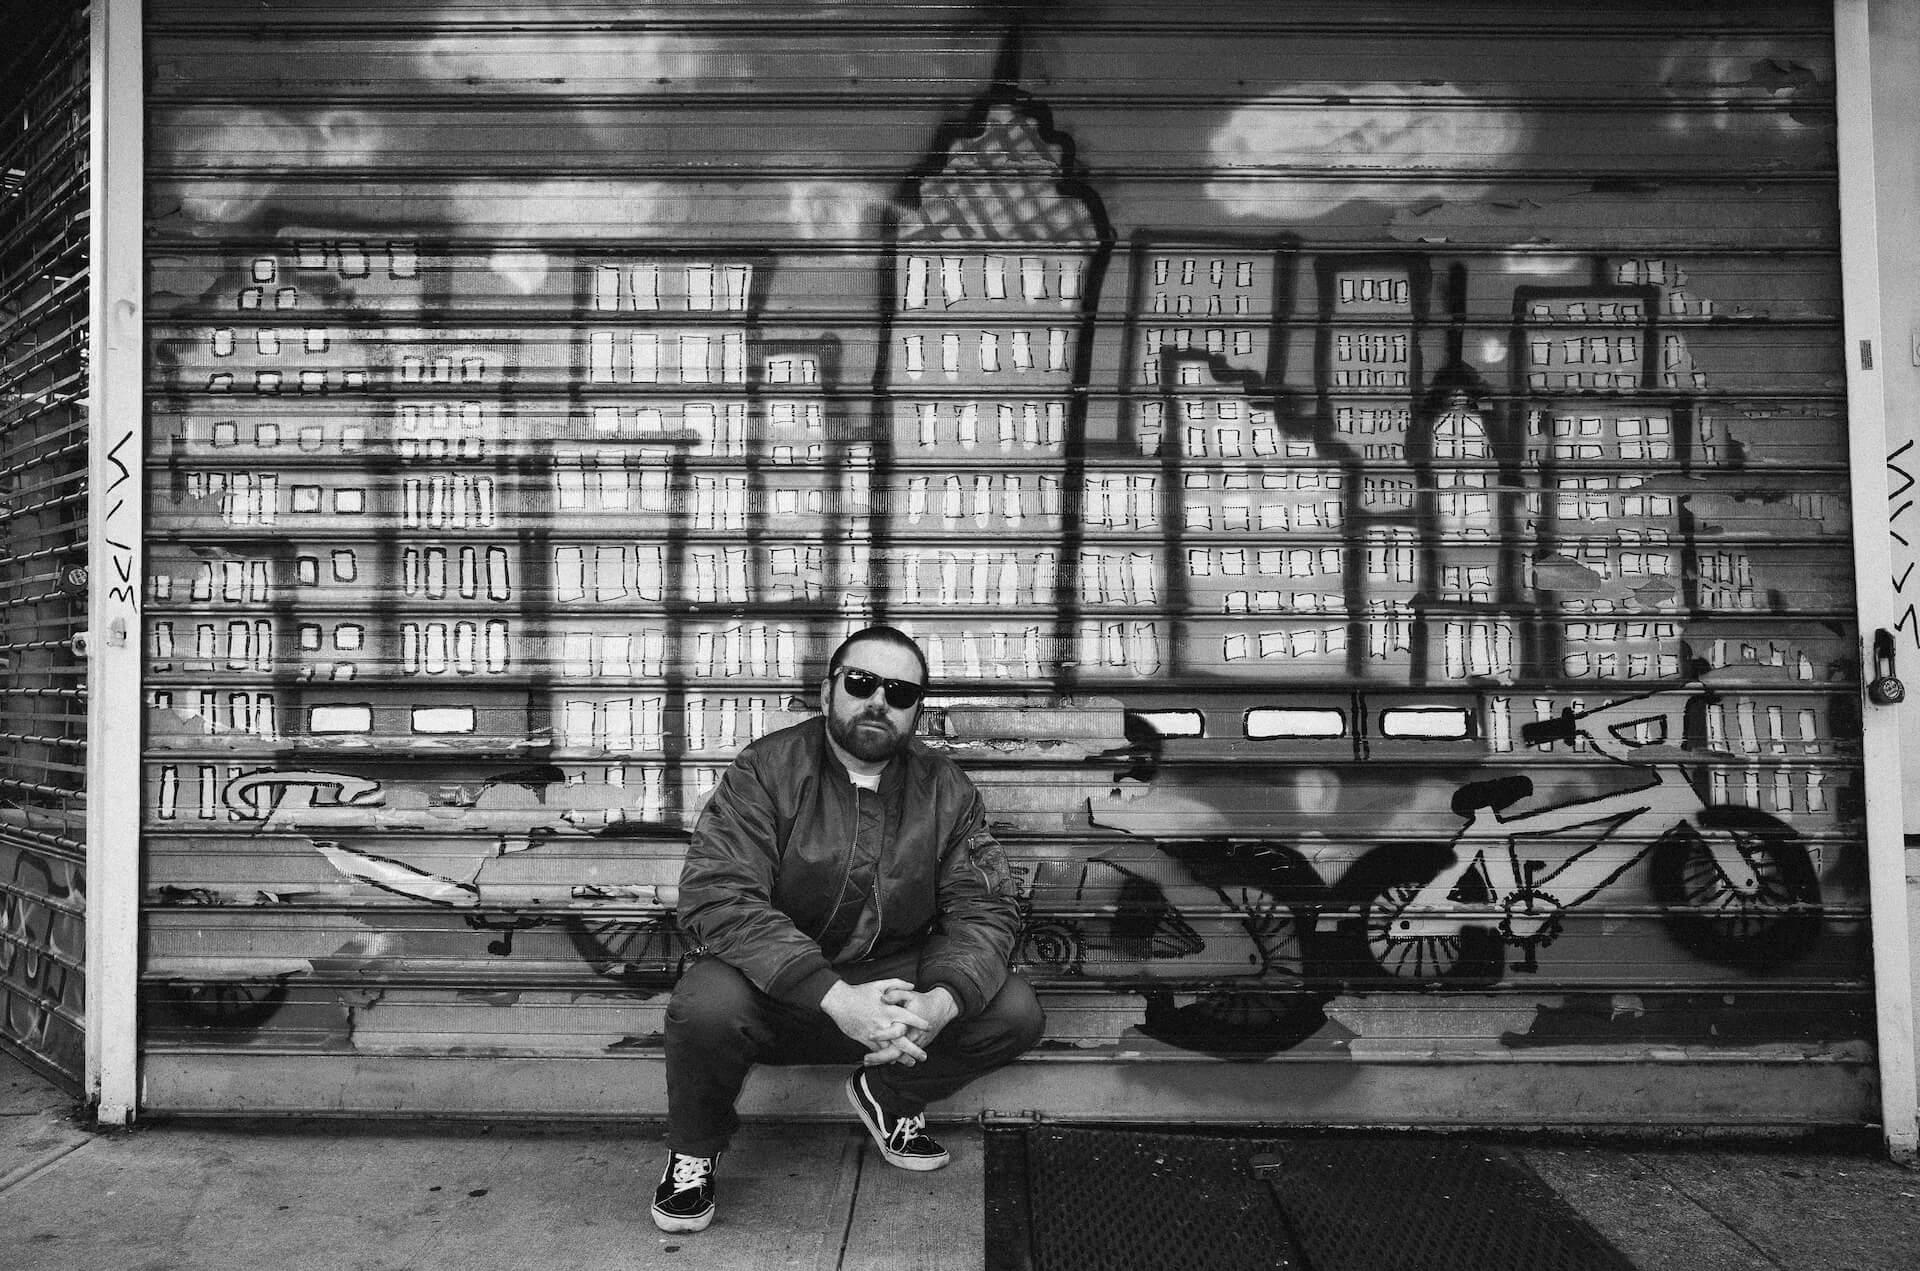 海外のトップクリエイターが注目するニューヨーク発のクリエイティブ集団「PAPERWORK」が日本初上陸 RVCA_MIKEKRIM_ALEXANDERRICHTER-5